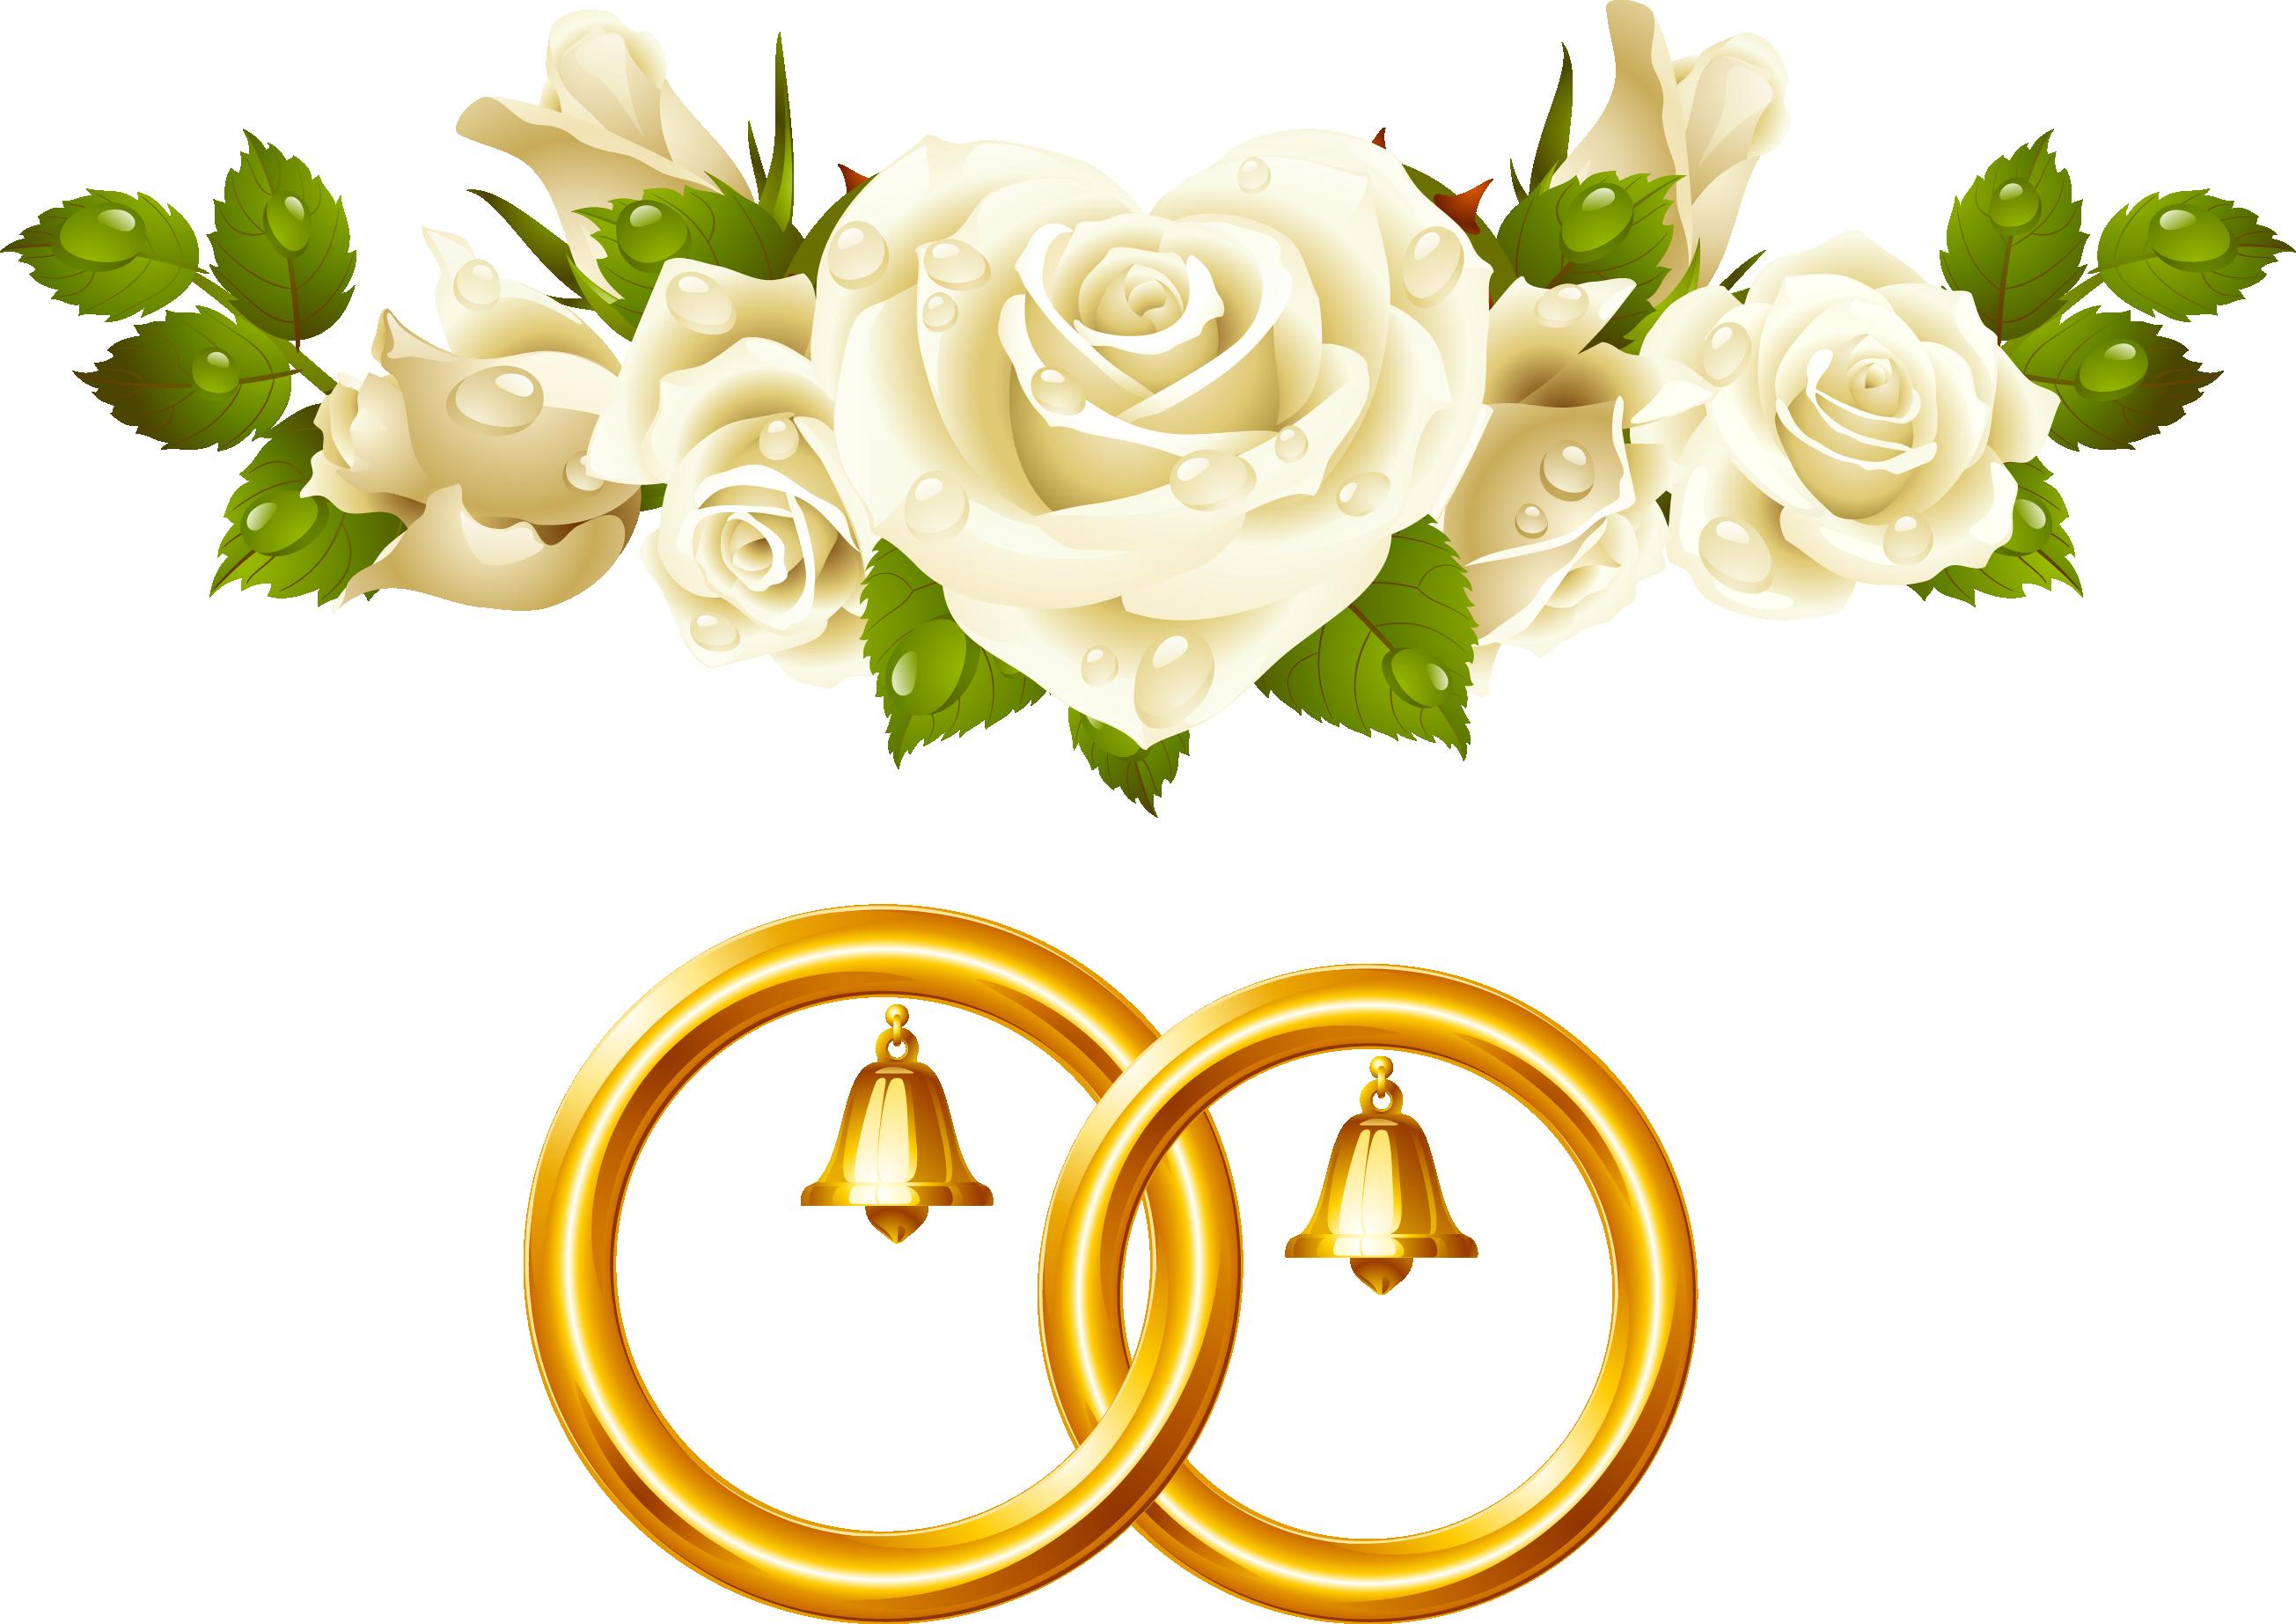 картинки свадебные атрибуты на прозрачном фоне ховер имеют несколько